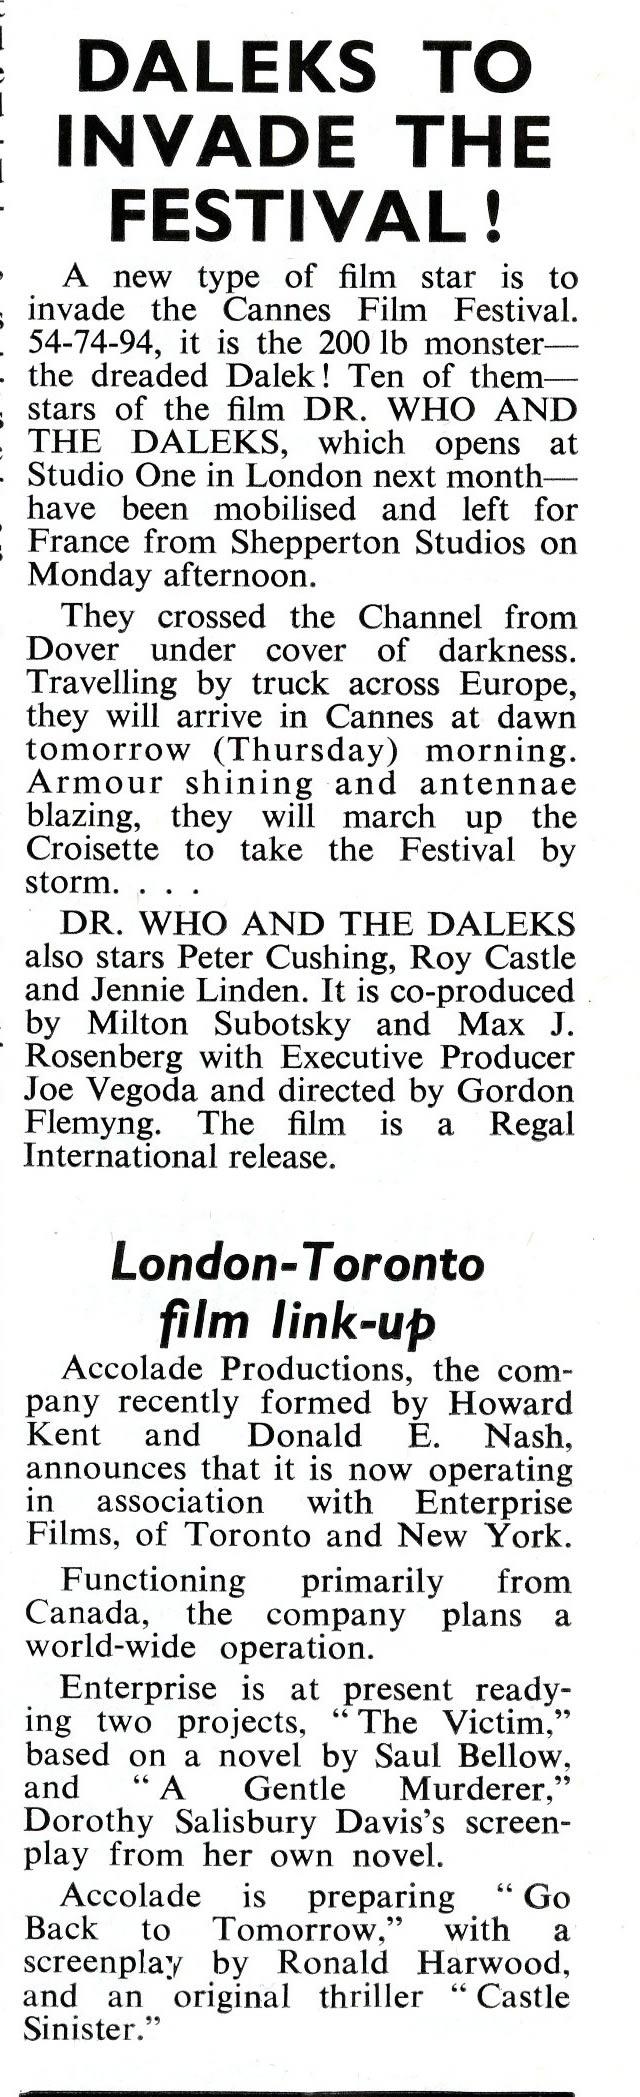 Daily Cinema, 19 May 1965